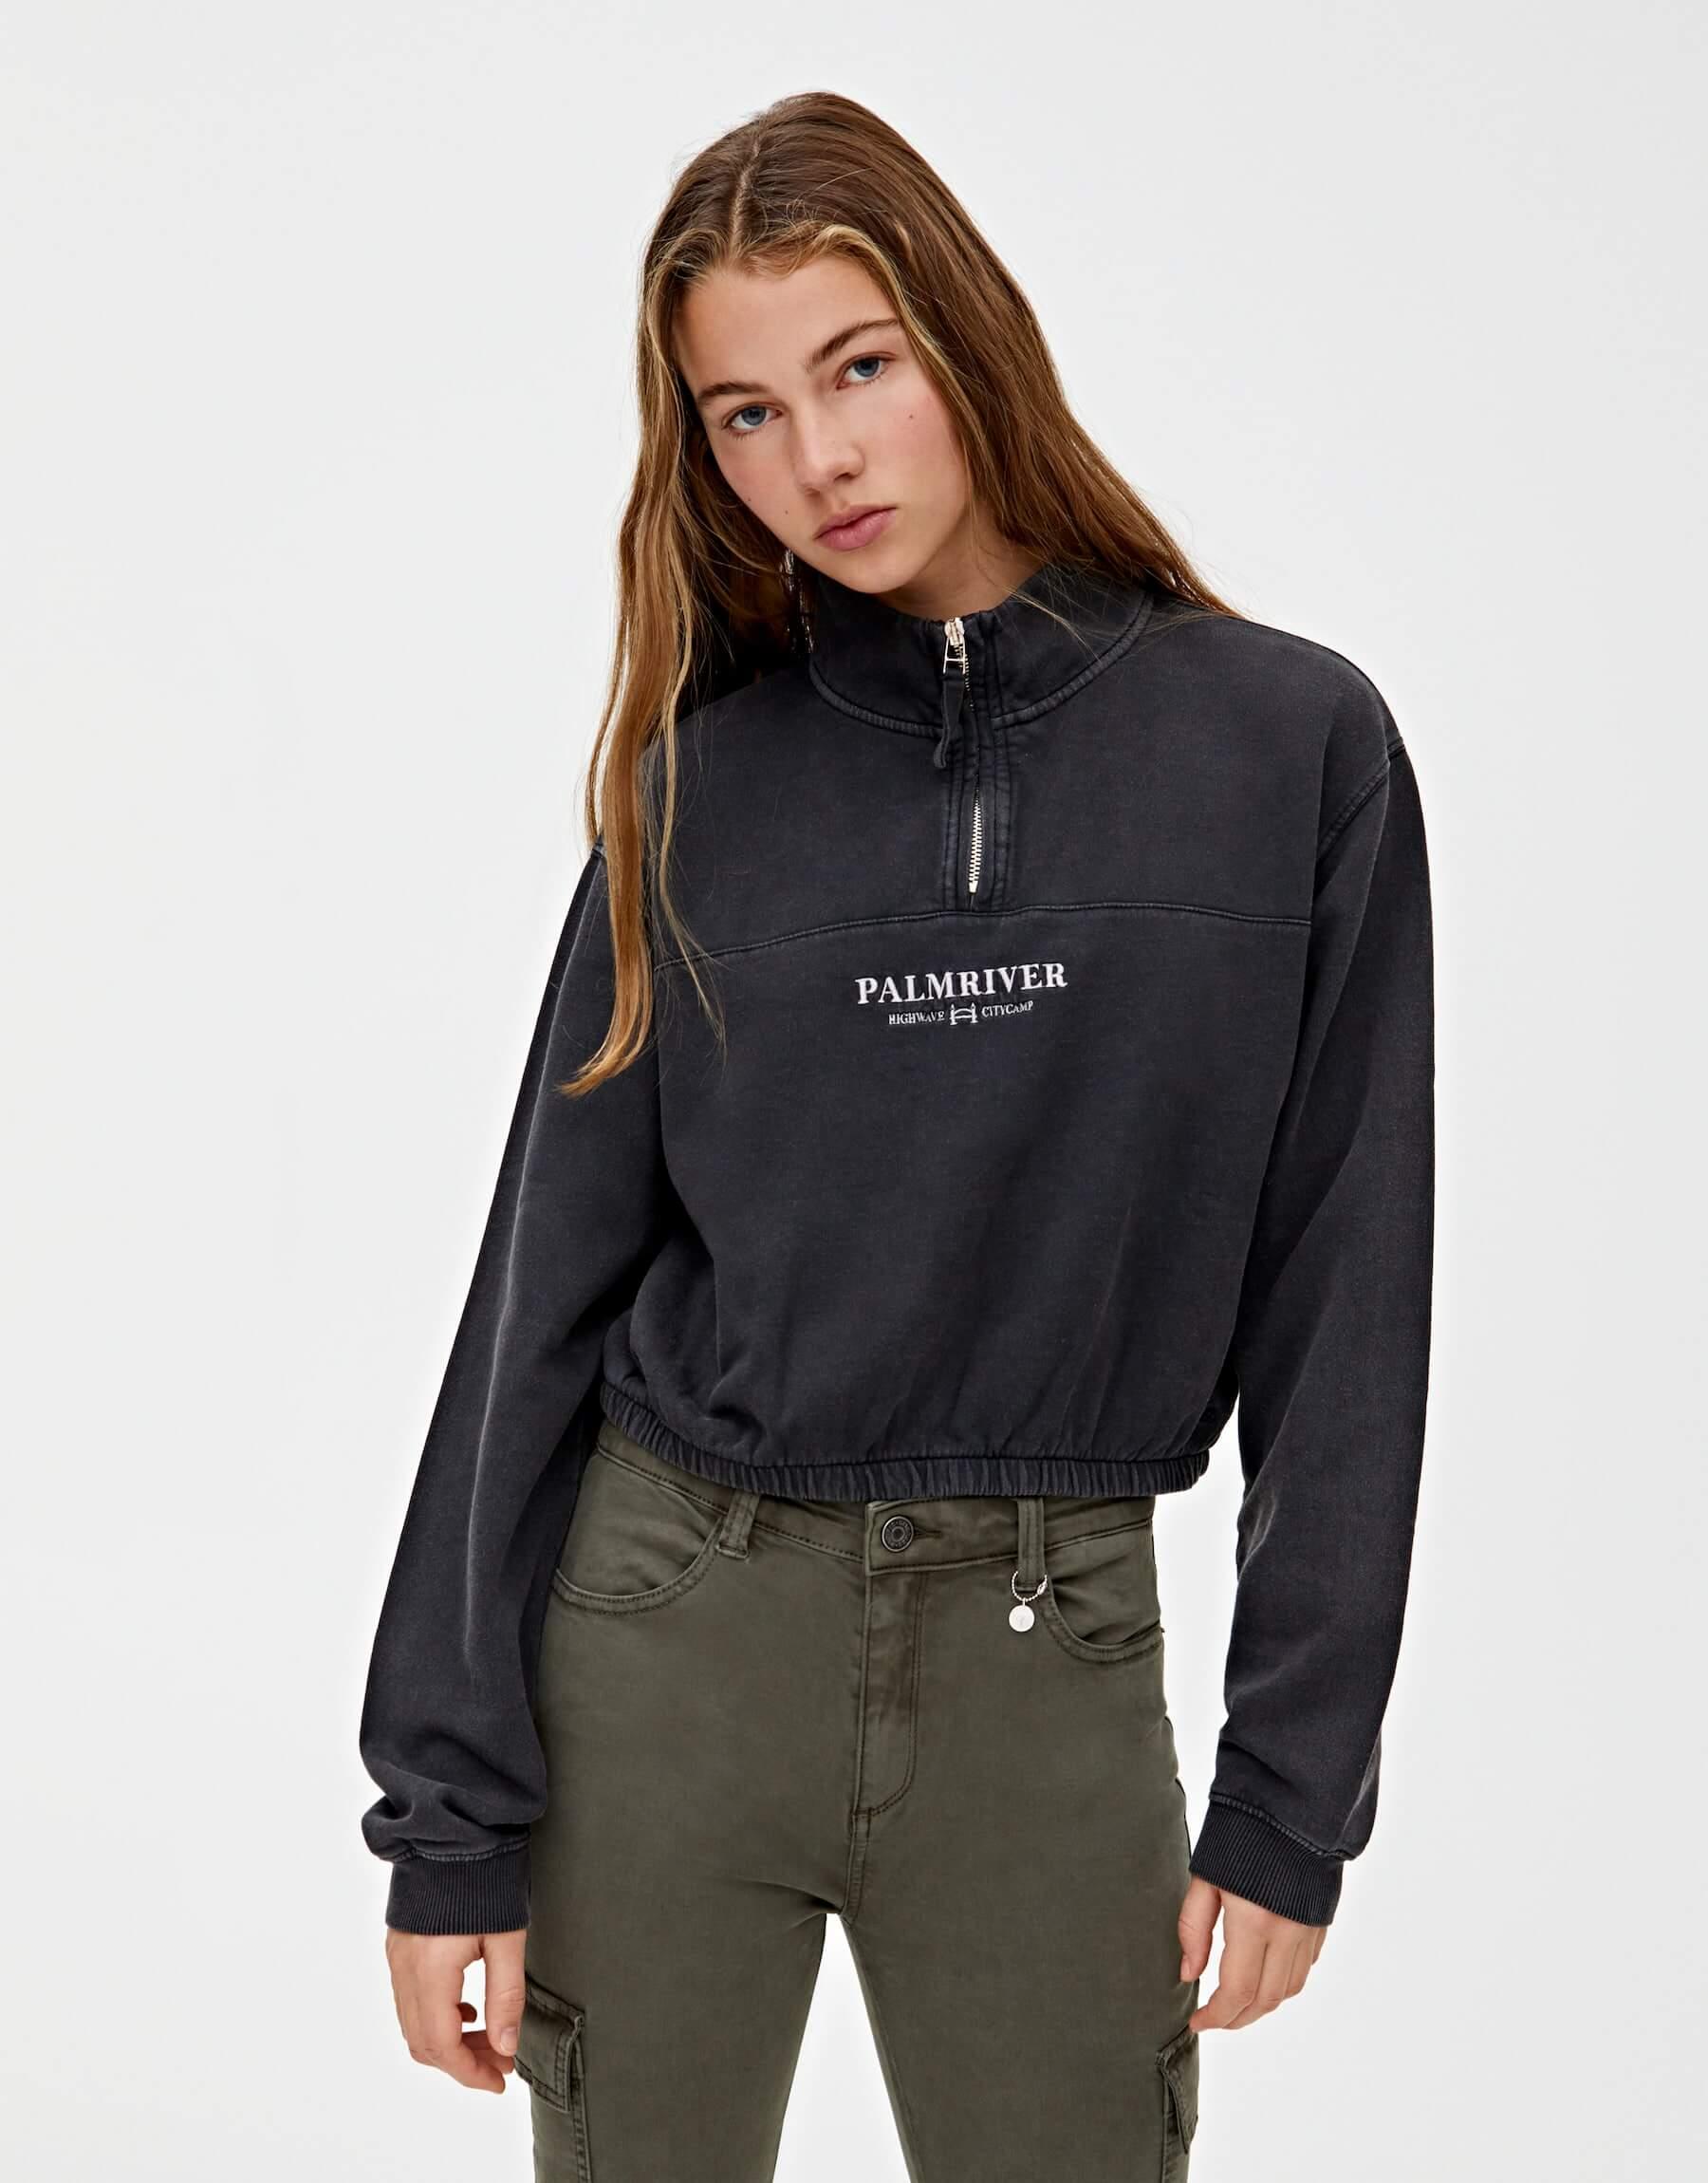 Pull and Bear Kadın Sweatshirt Modelleri